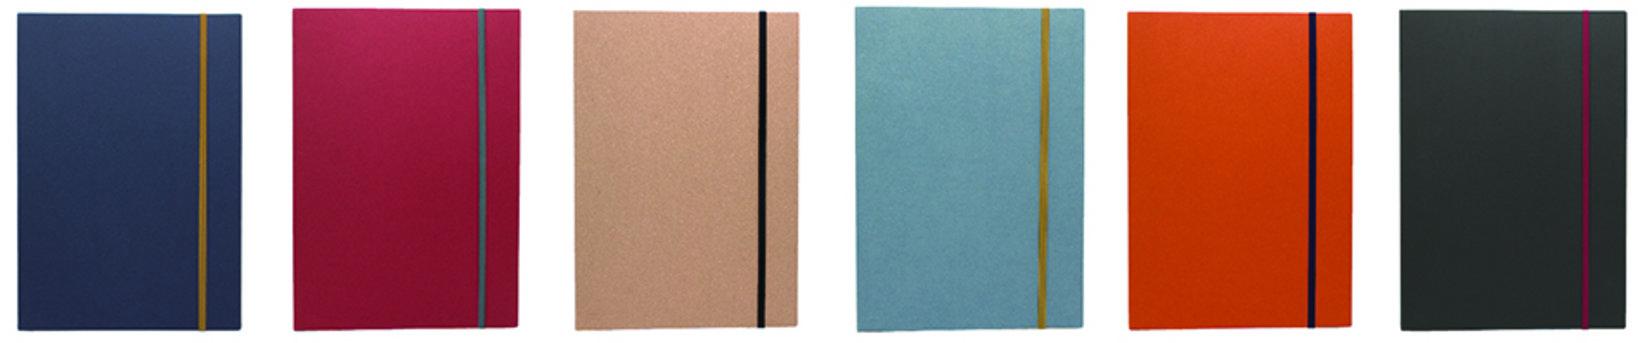 A4(一片のサイズ:20.95×29.7cm、内容:48 枚)左からインディゴ、ルージュ、クラフト、アッシュ、バーミリオン、ブラック